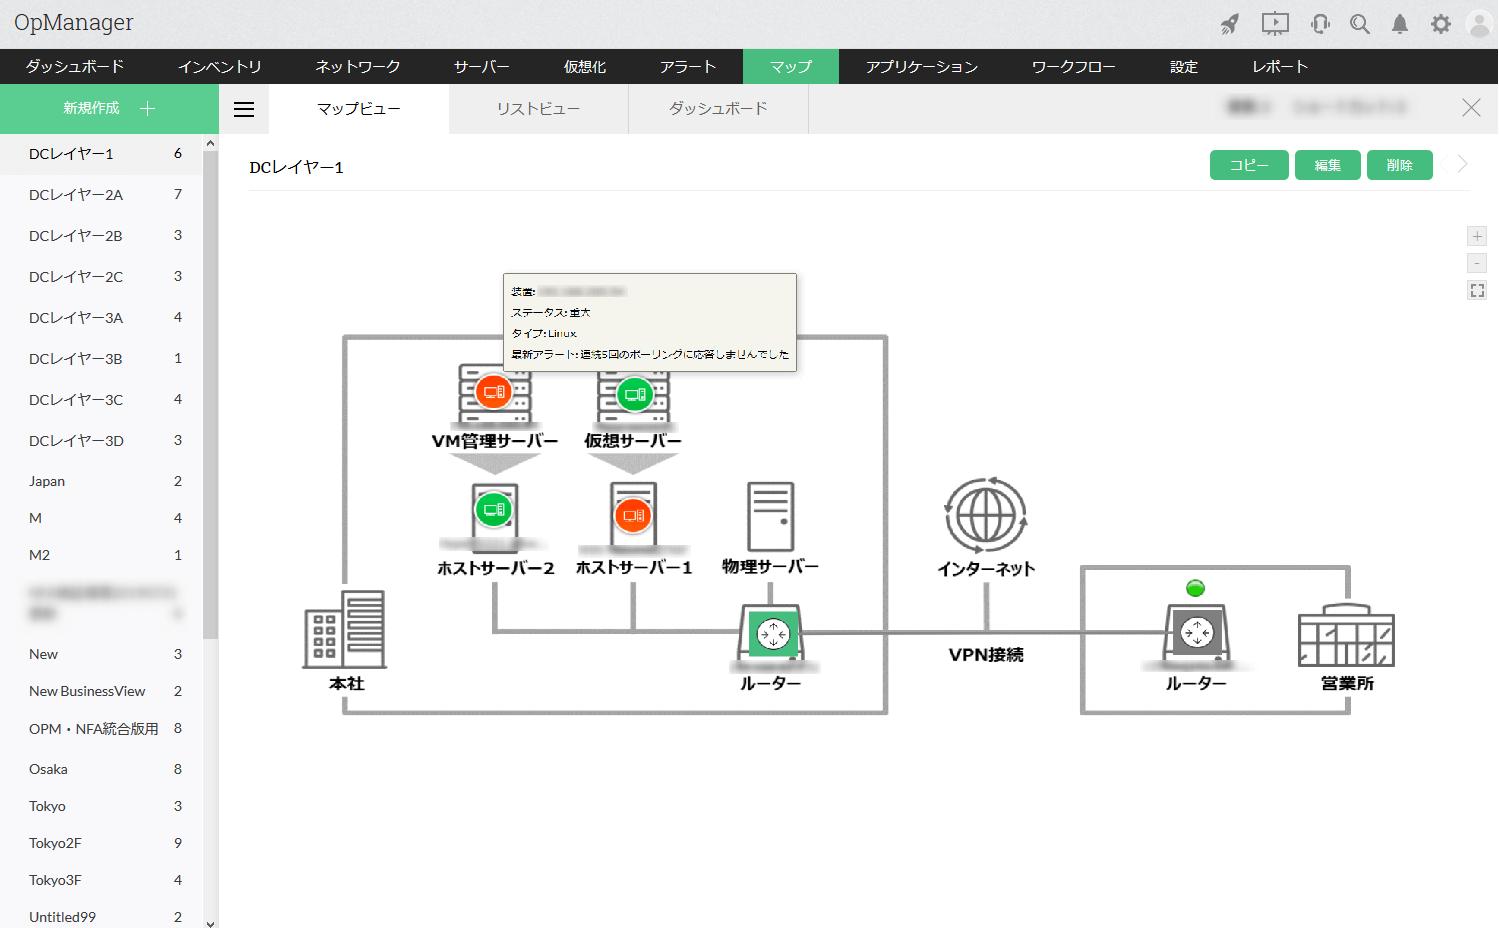 ビジネスビューによるネットワークの可視化